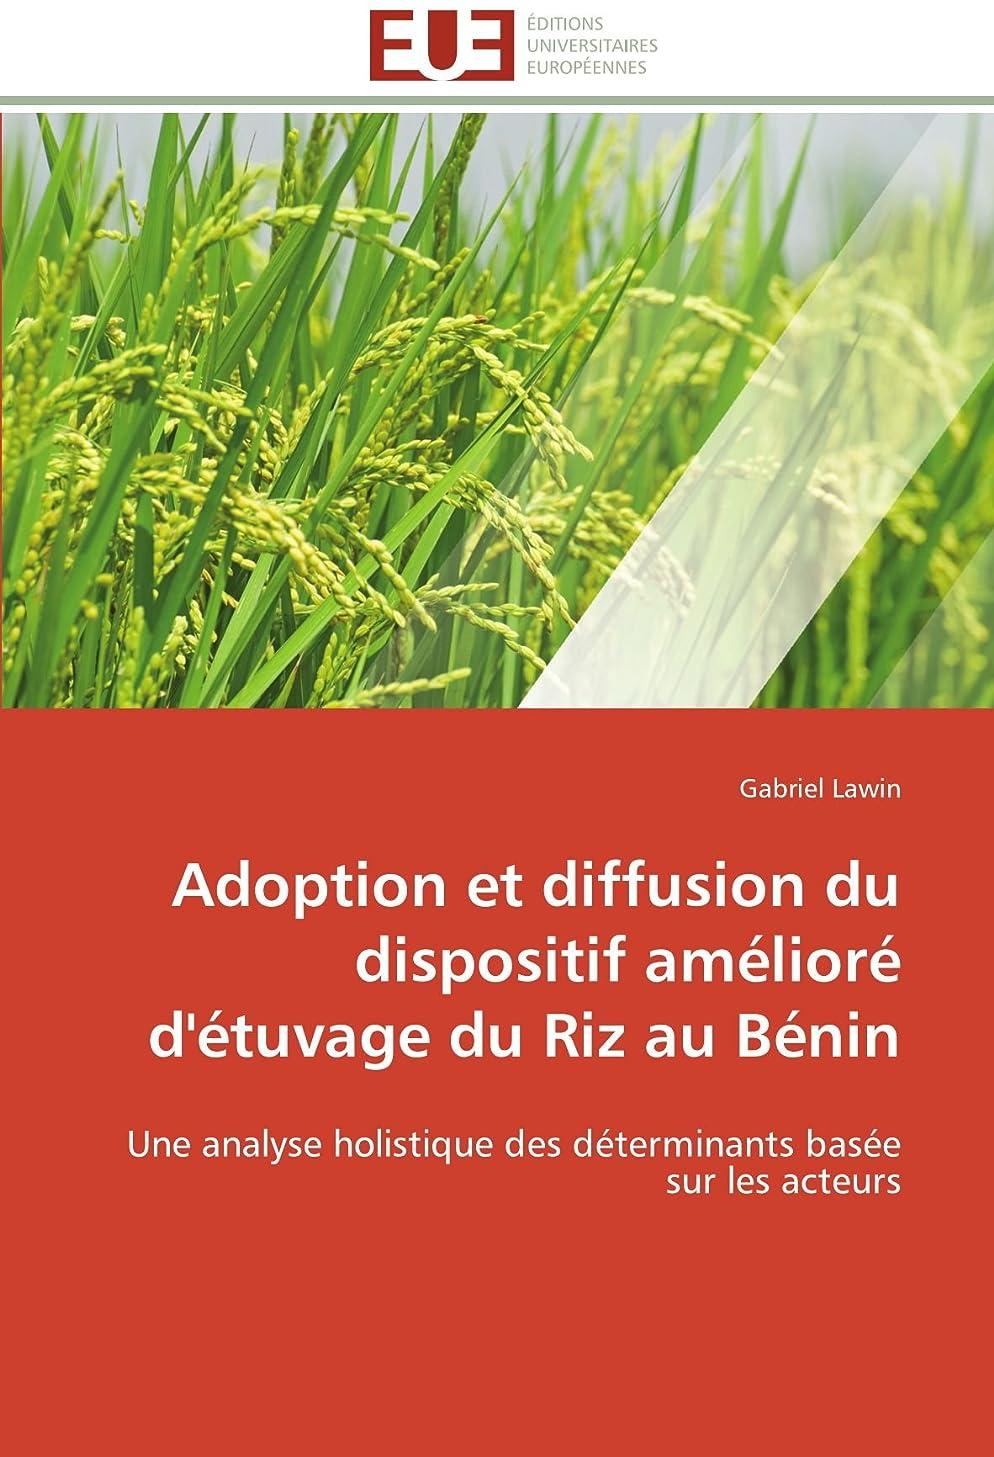 ブラスト期限切れ泥沼Adoption Et Diffusion Du Dispositif Amélioré d'étuvage Du Riz Au Bénin (Omn.Univ.Europ.)